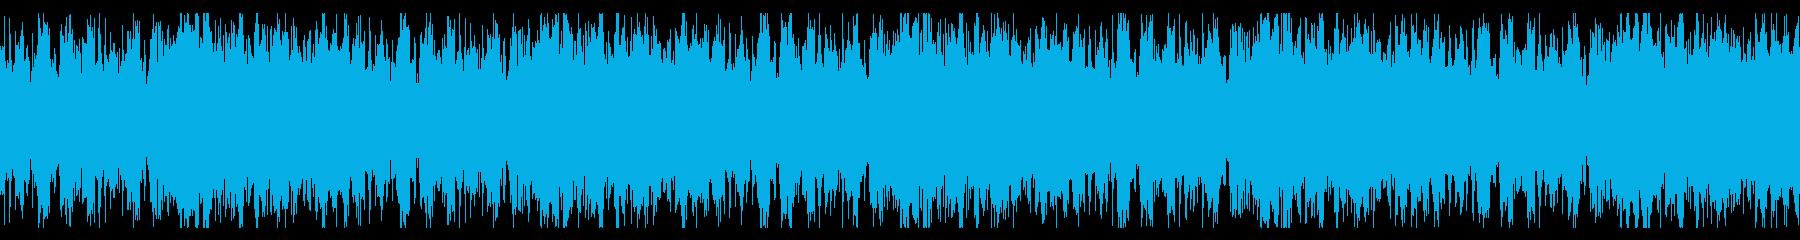 バトルゲーム向け、伸びやかなオーケストラの再生済みの波形